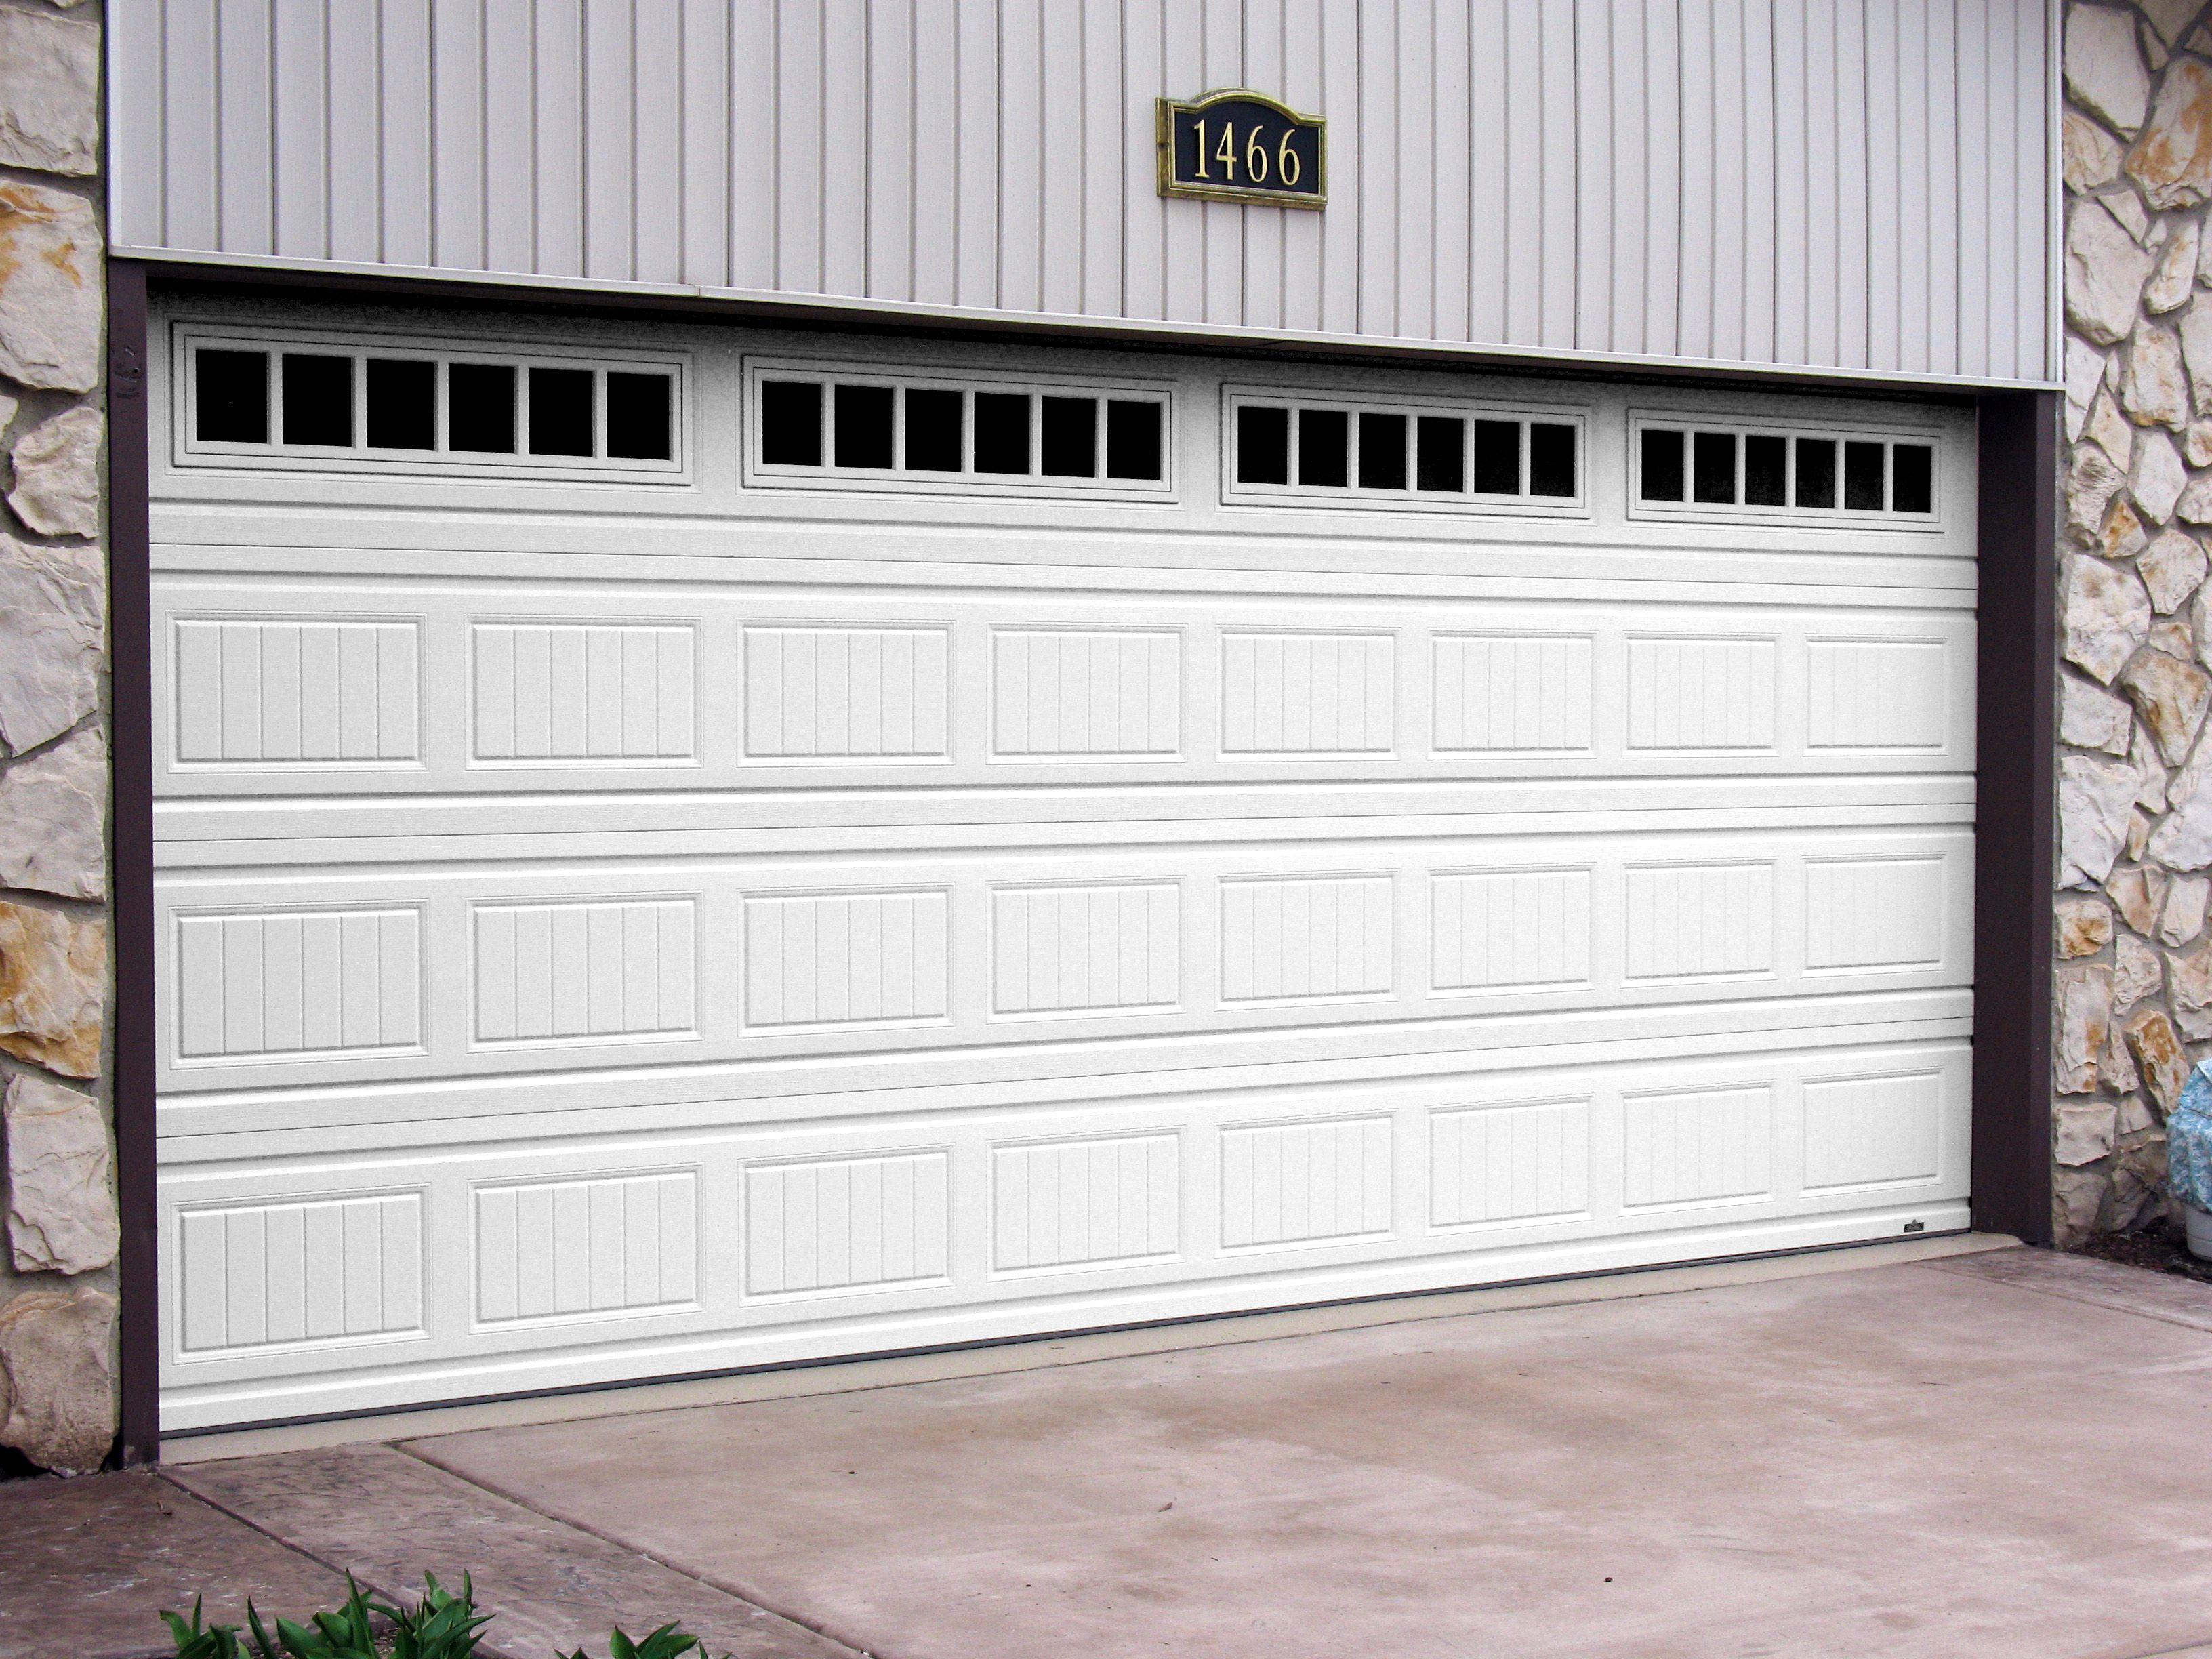 Offering 24 7 All Types Of Garage Door Services Modern Garage